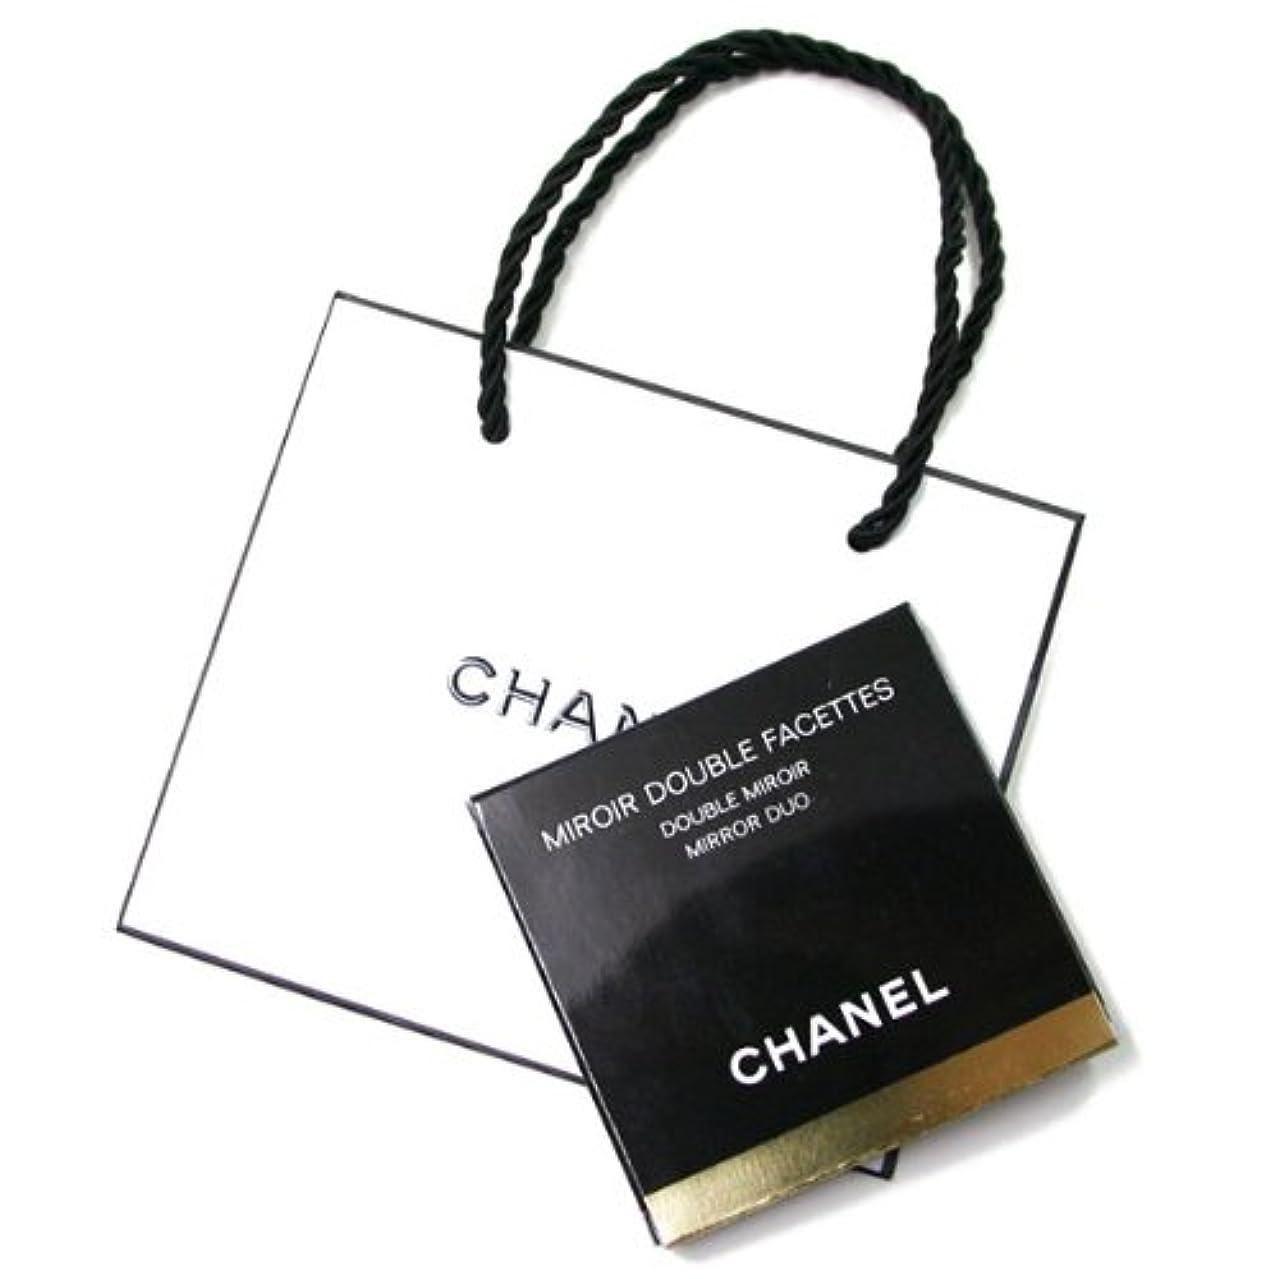 メッセンジャー嫌い血色の良い(シャネル) CHANELコンパクト ダブルミラー 手鏡 BLACK (ブラック)CHANEL ギフト ペーパーバッグ付きミロワールドゥーブルファセットA13750 [並行輸入品]